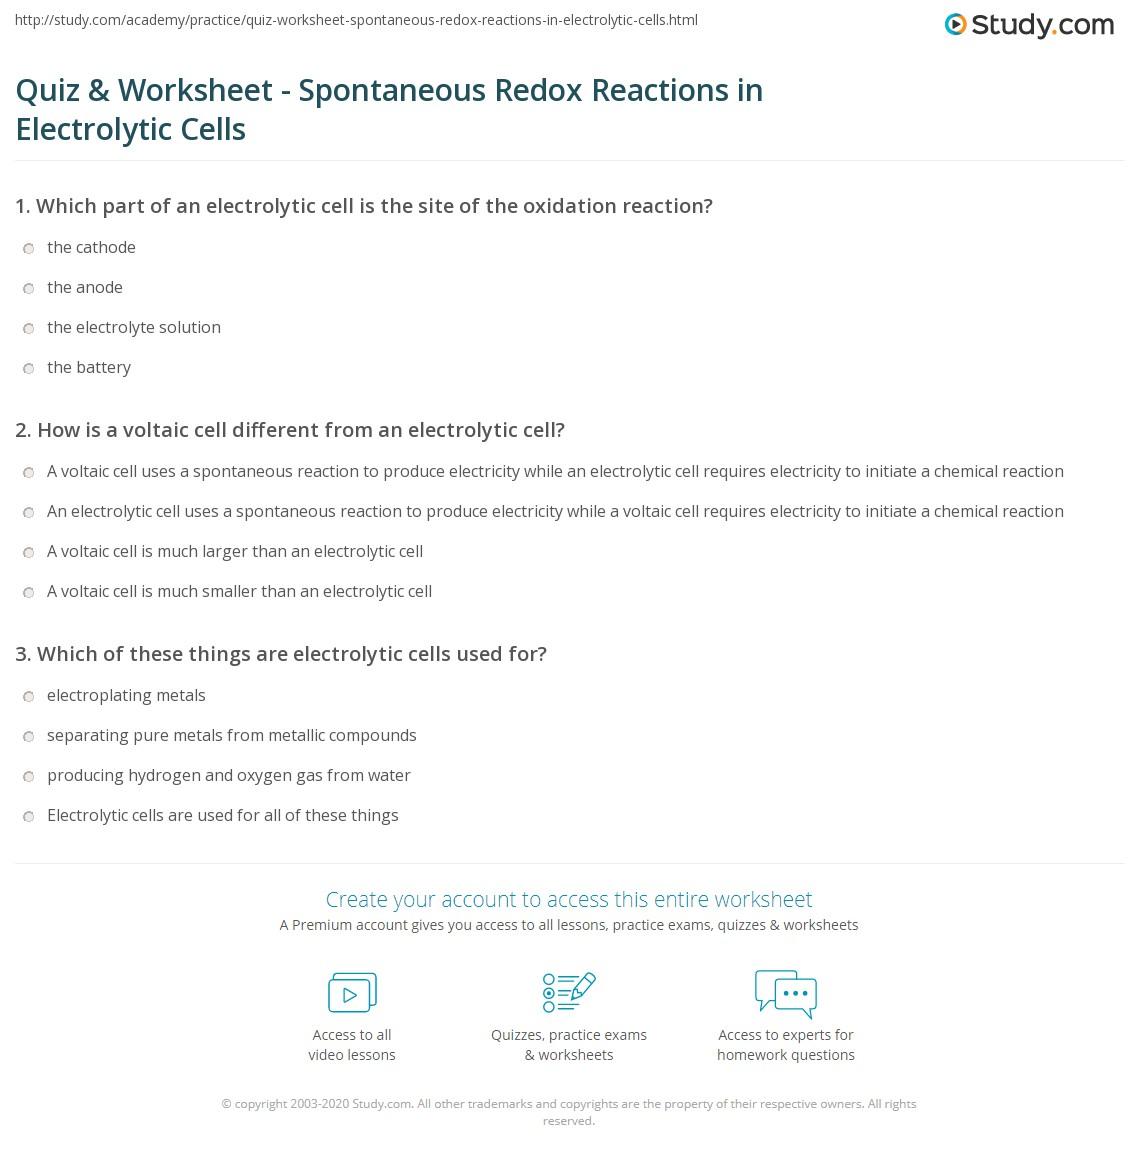 Quiz & Worksheet - Spontaneous Redox Reactions in ...